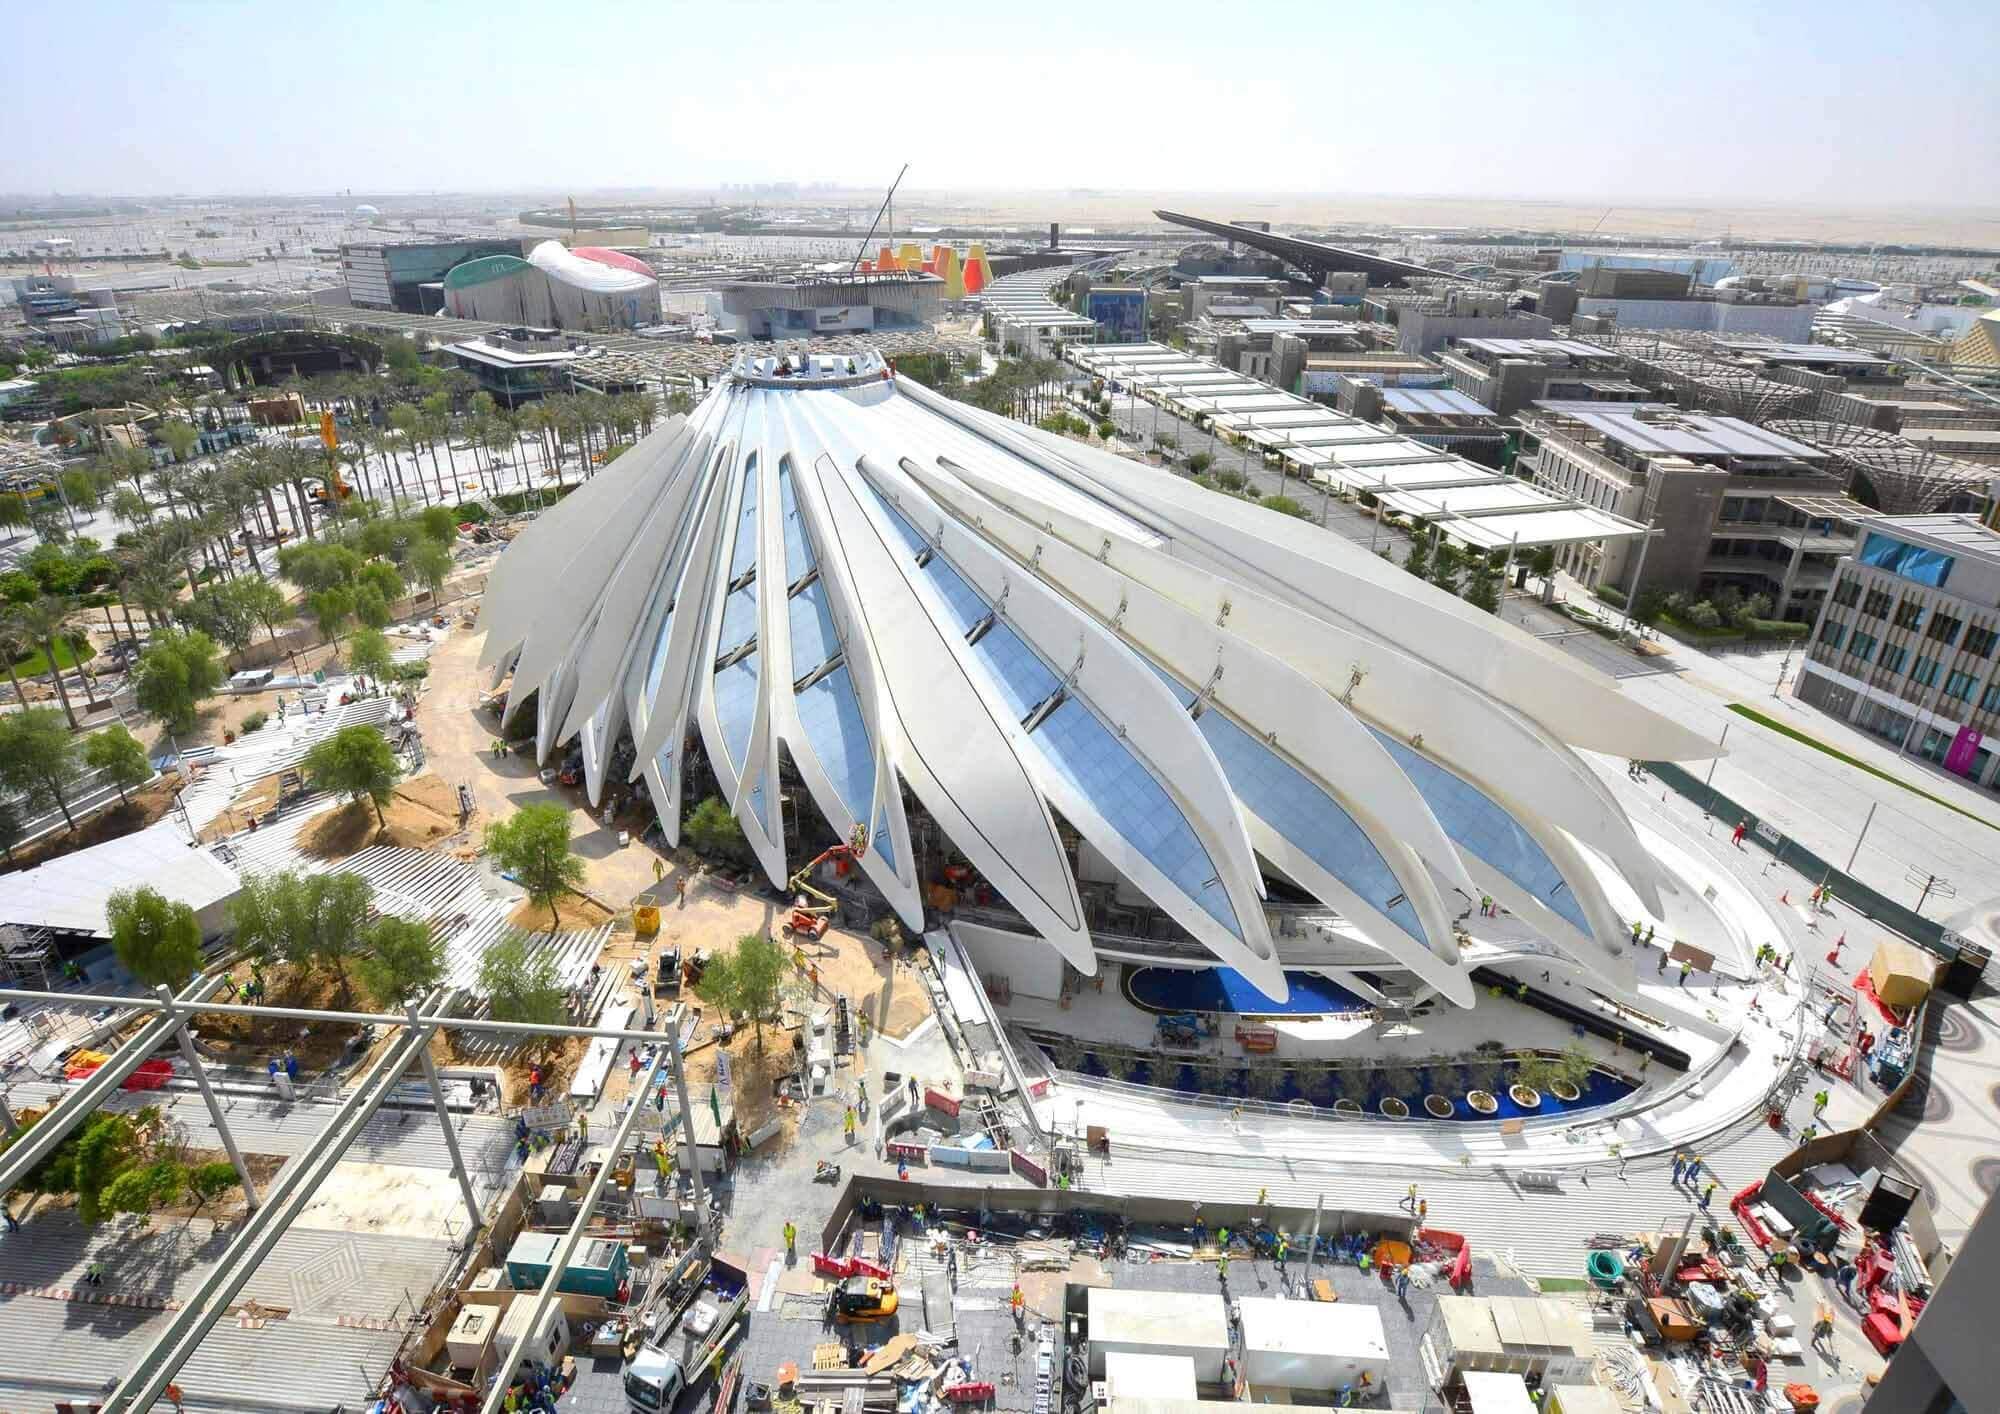 Сантьяго Калатрава раскрывает дизайн павильона ОАЭ для Expo 2020 Dubai